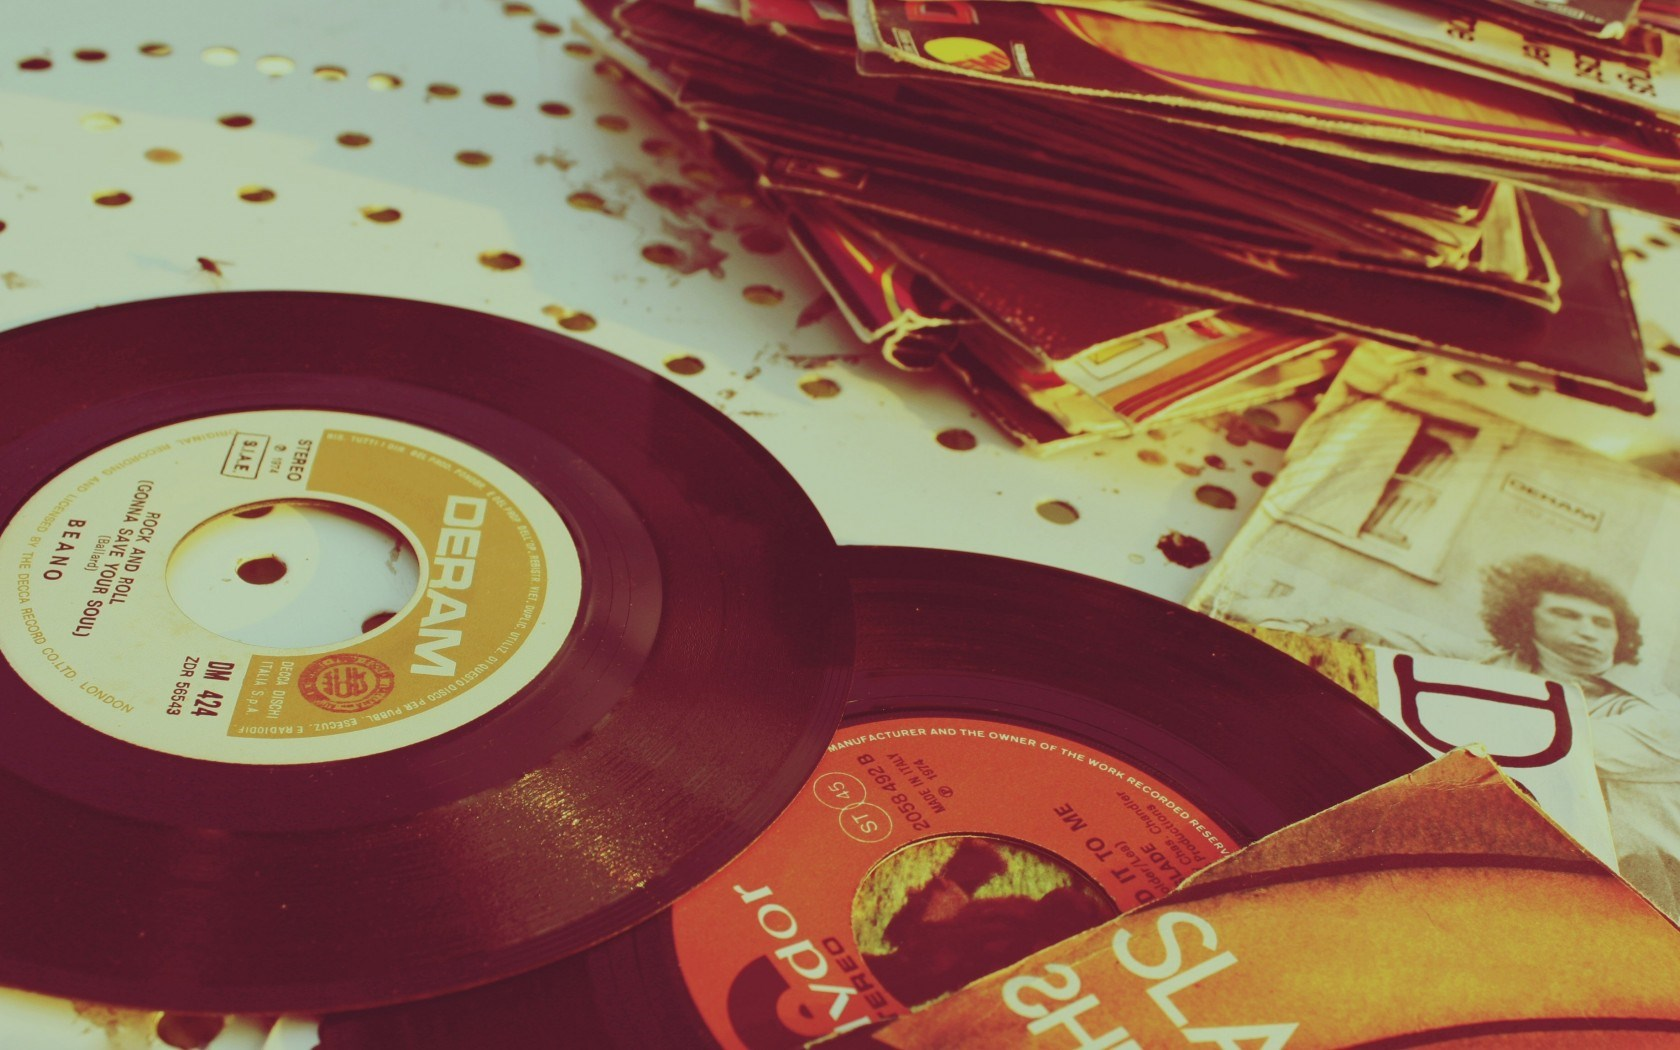 dream hd wallpaper photovintage record vinyl   Magic4Wallscom 1680x1050